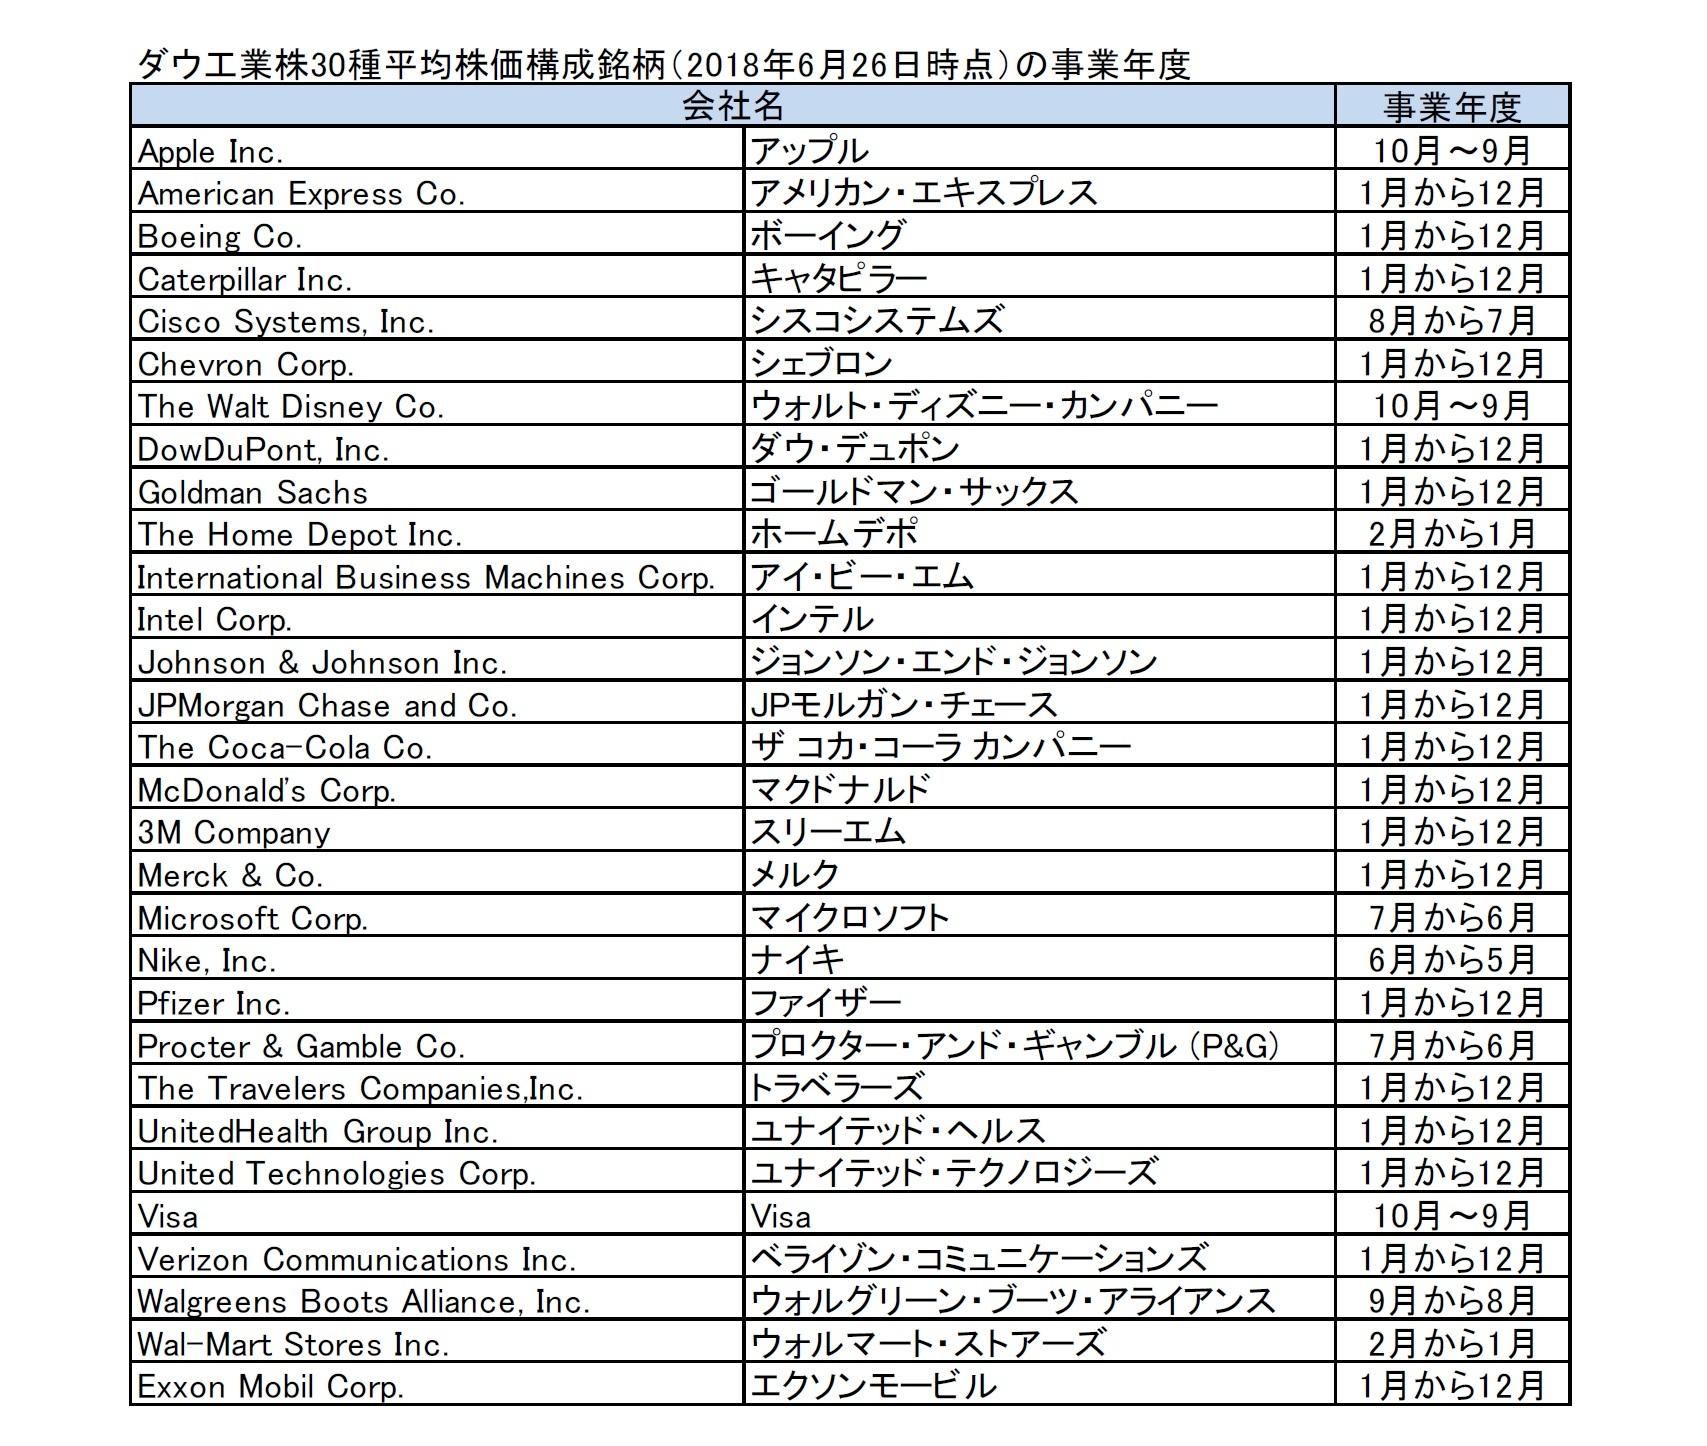 ダウ工業株30種平均株価構成銘柄(2018年6月26日時点)の事業年度